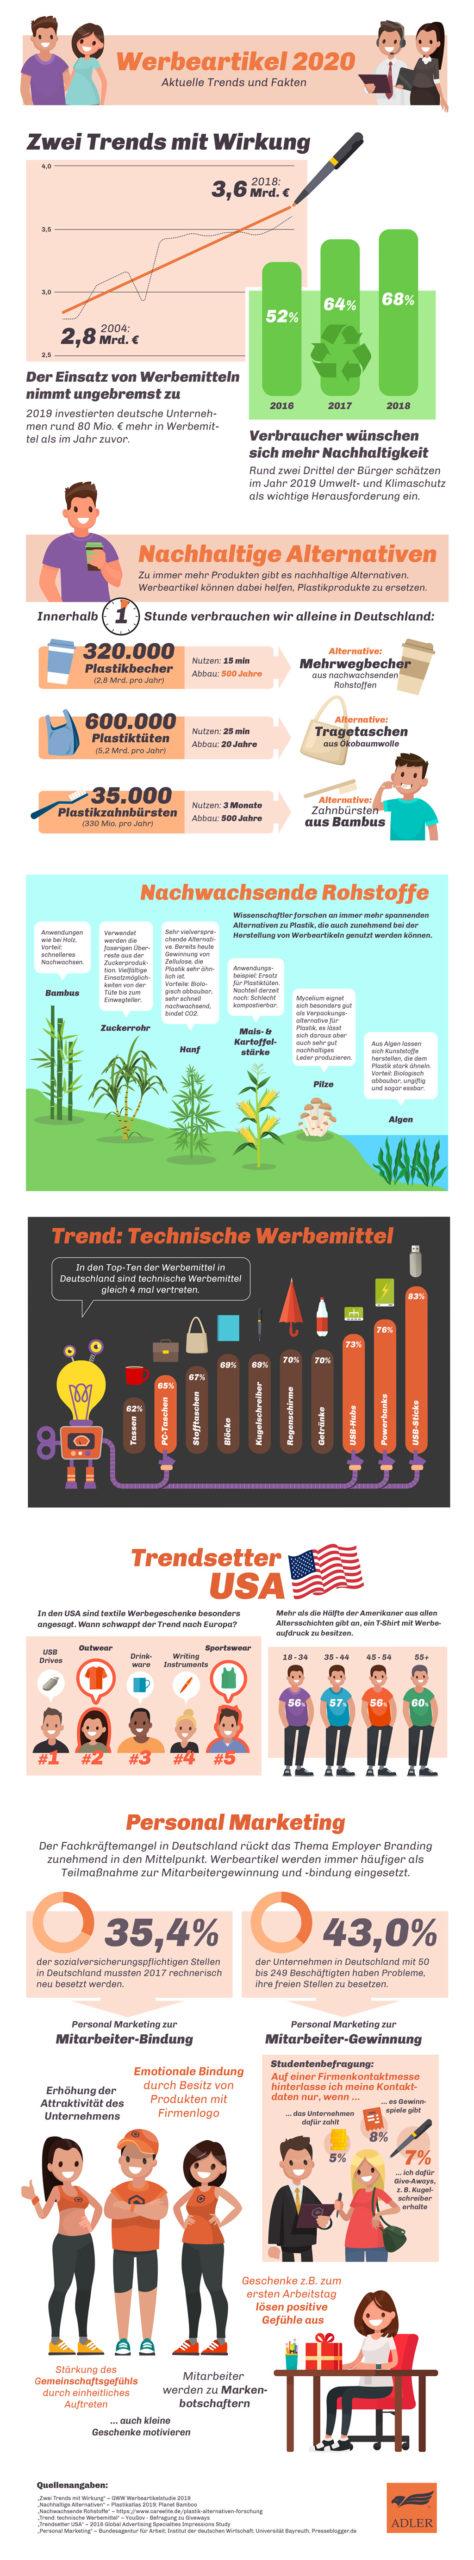 Infografik Werbegeschenke Trends (Bild: Adler)